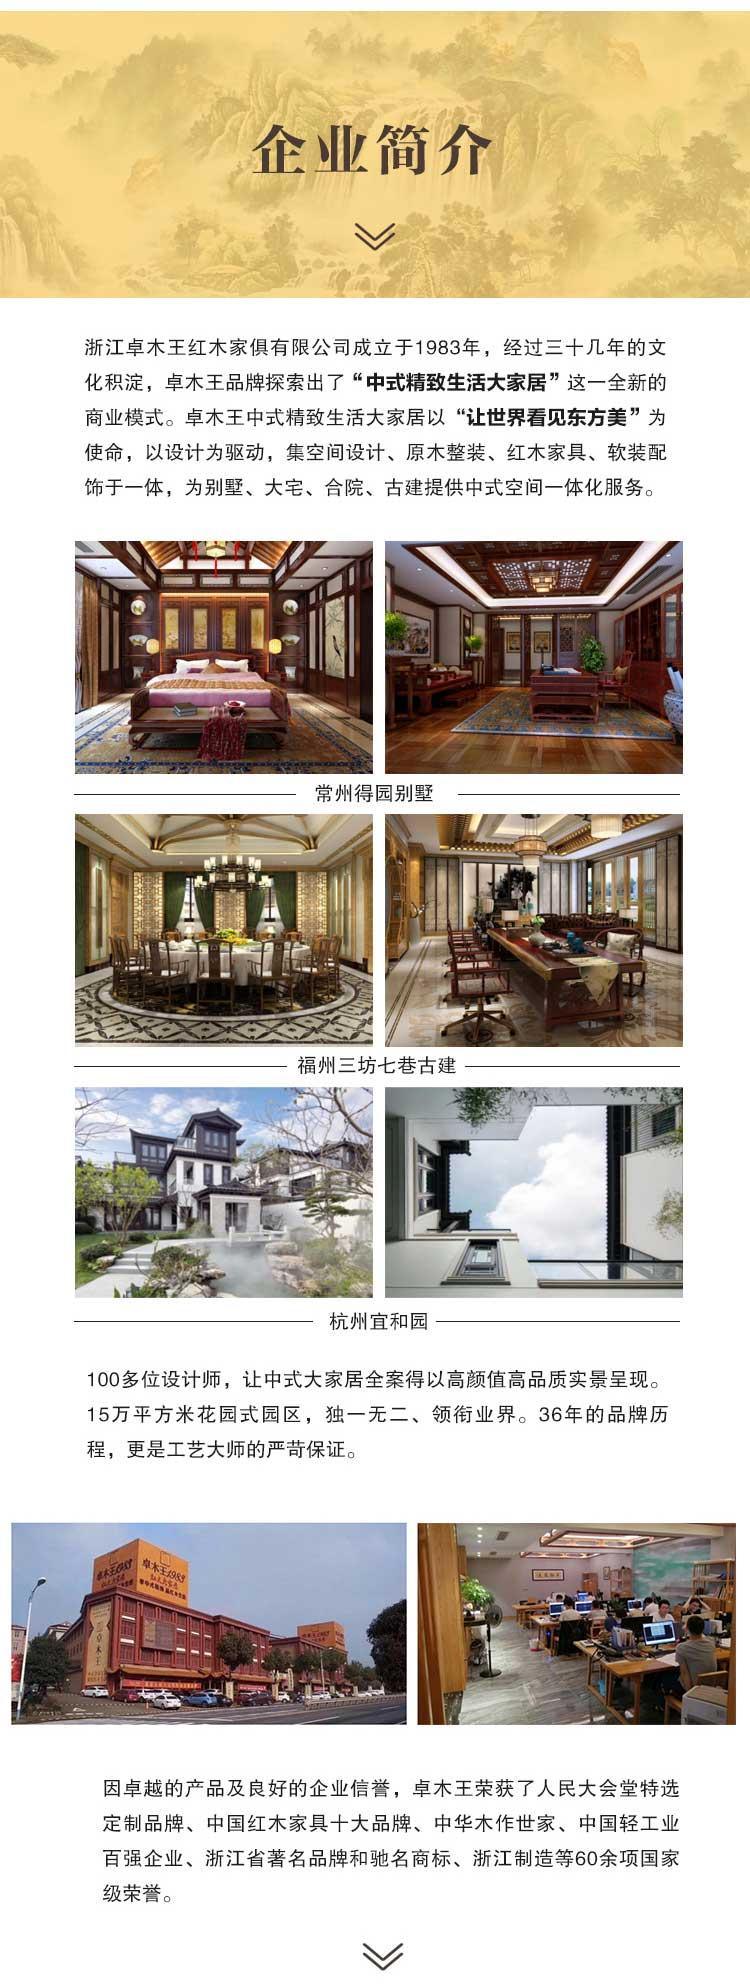 卓木王腾讯产品介绍自然厅-3.jpg